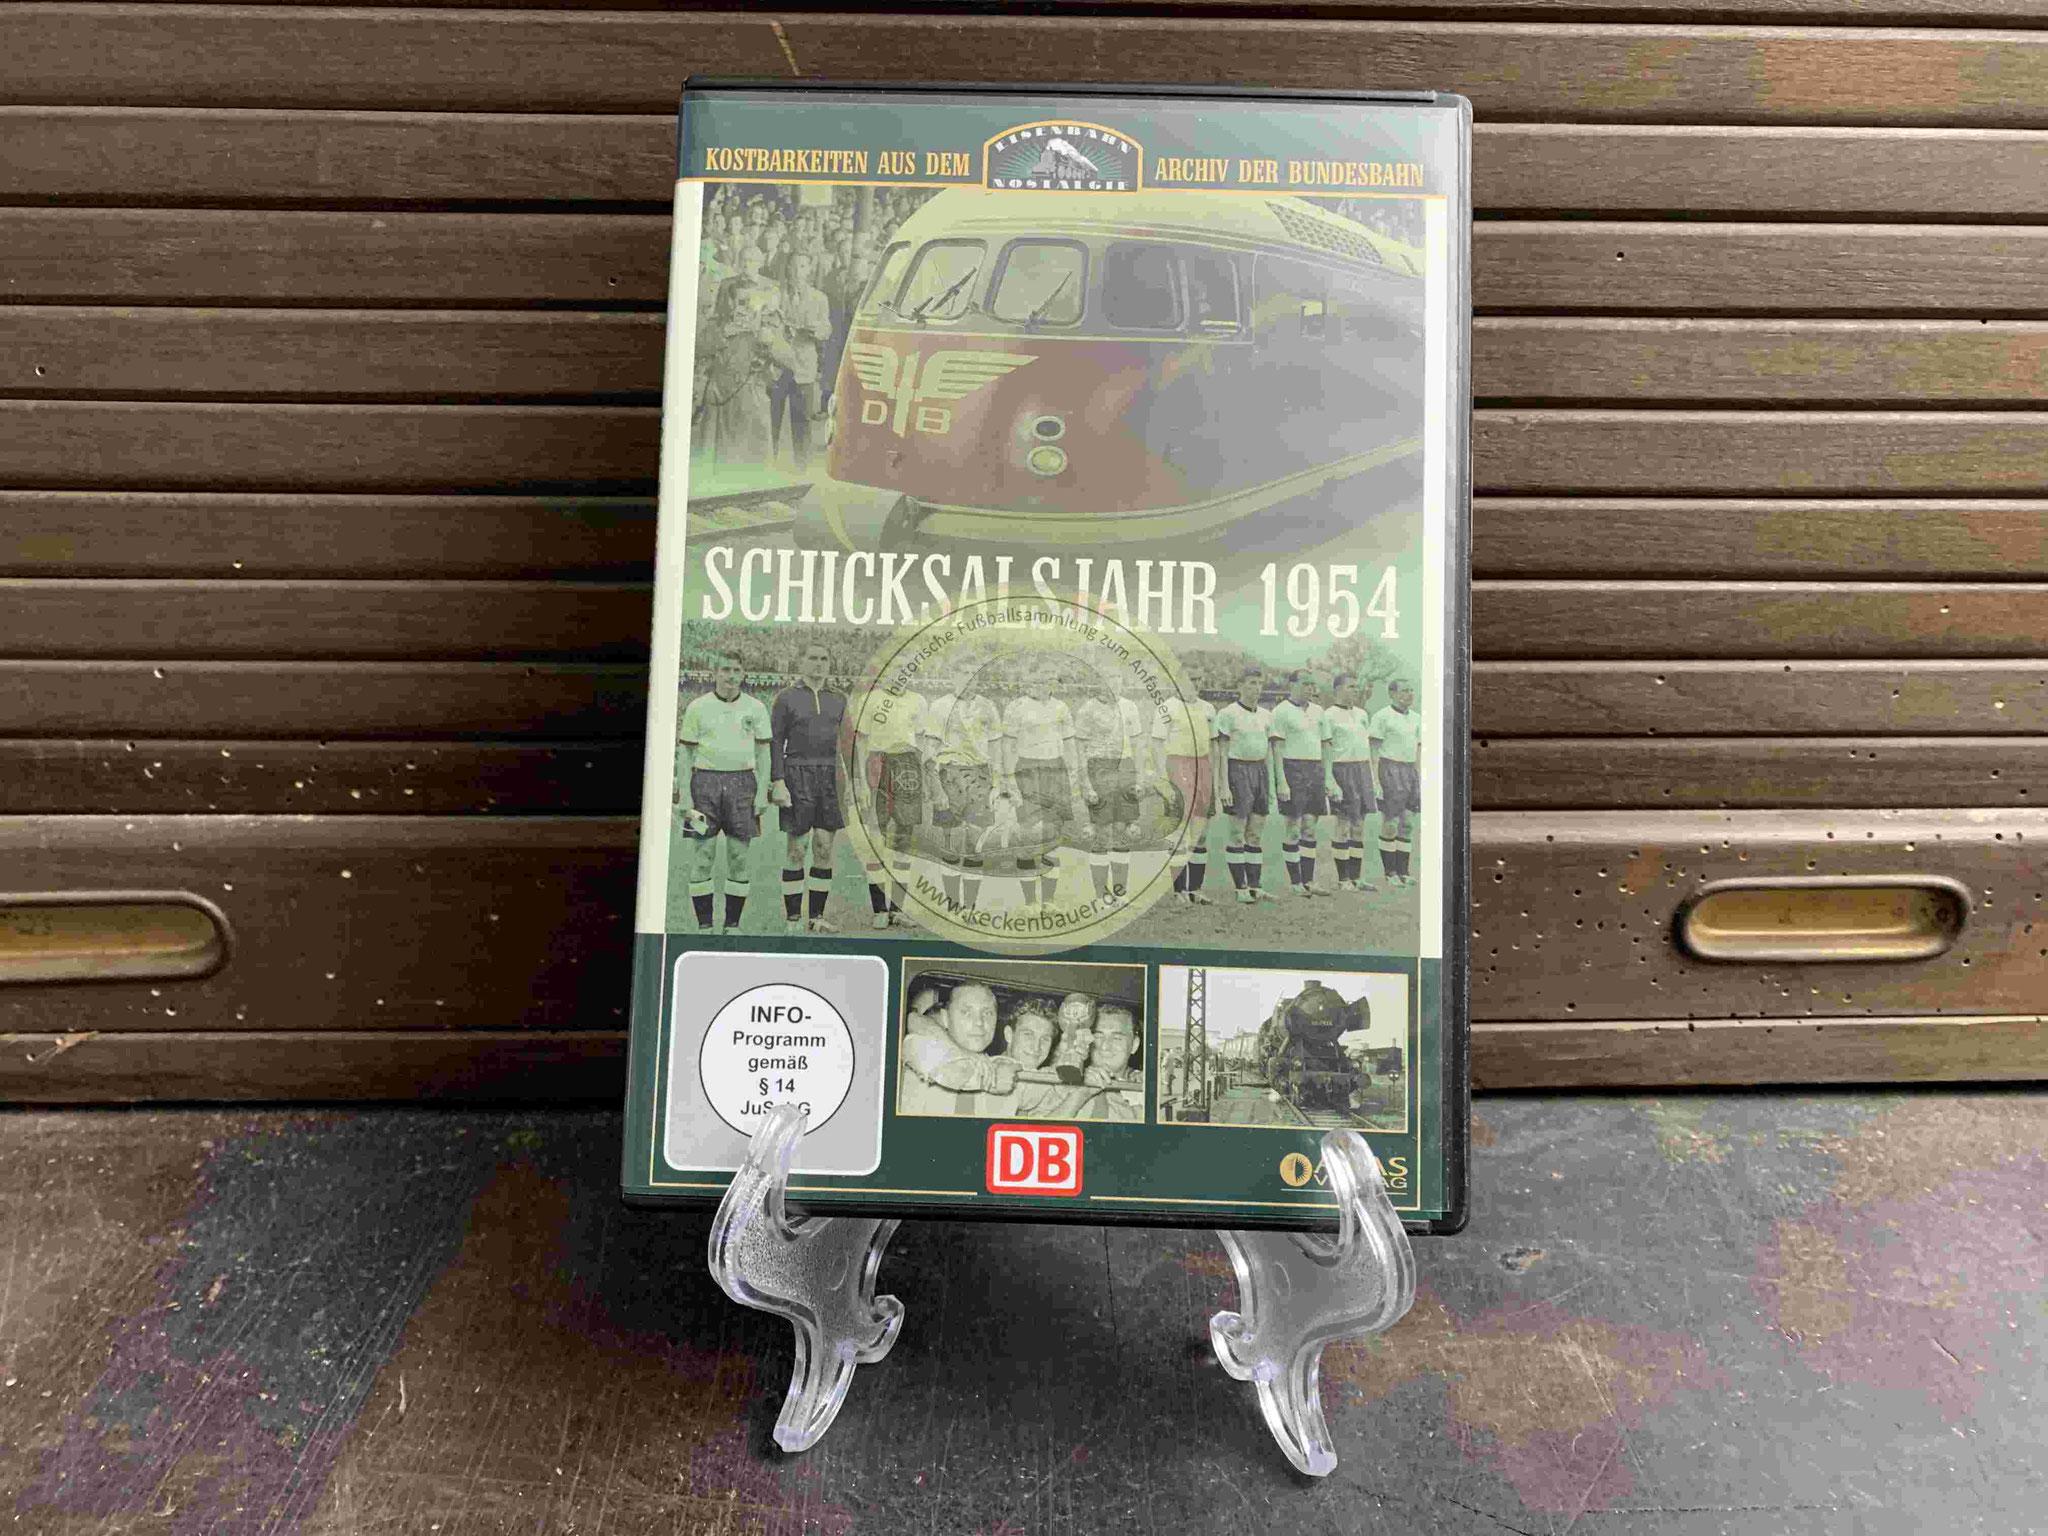 2007 Schicksalsjahr 1954 Die Jahreschronik der Deutschen Bahn